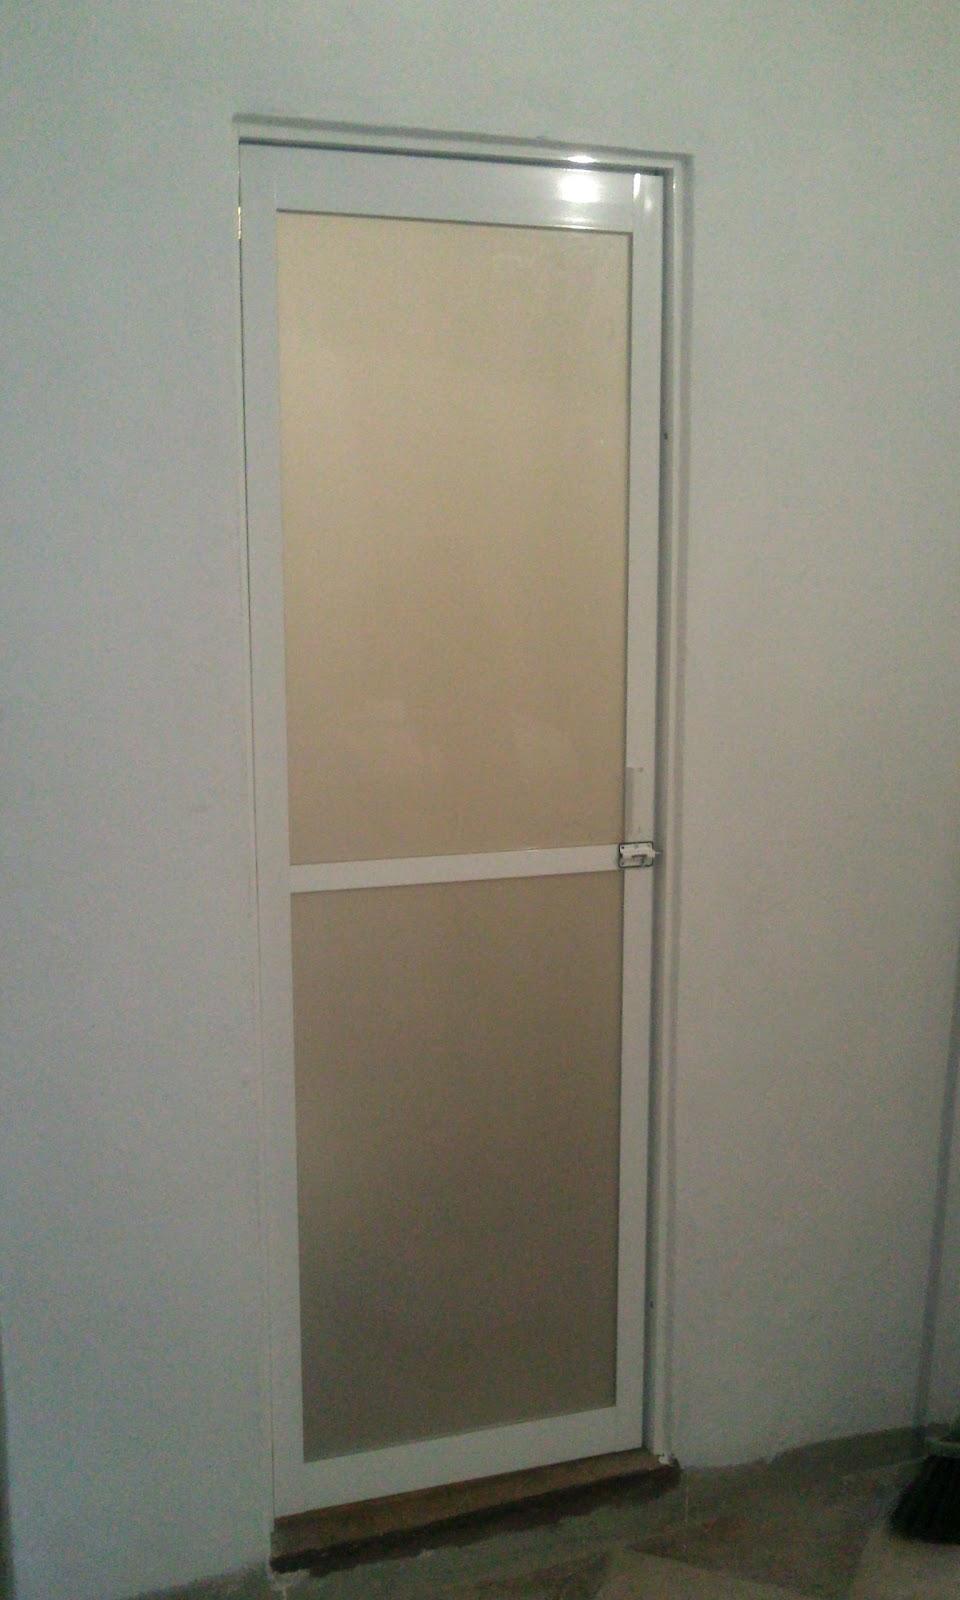 Vidrier a palo solo puertas - Puertas para muebles de bano ...